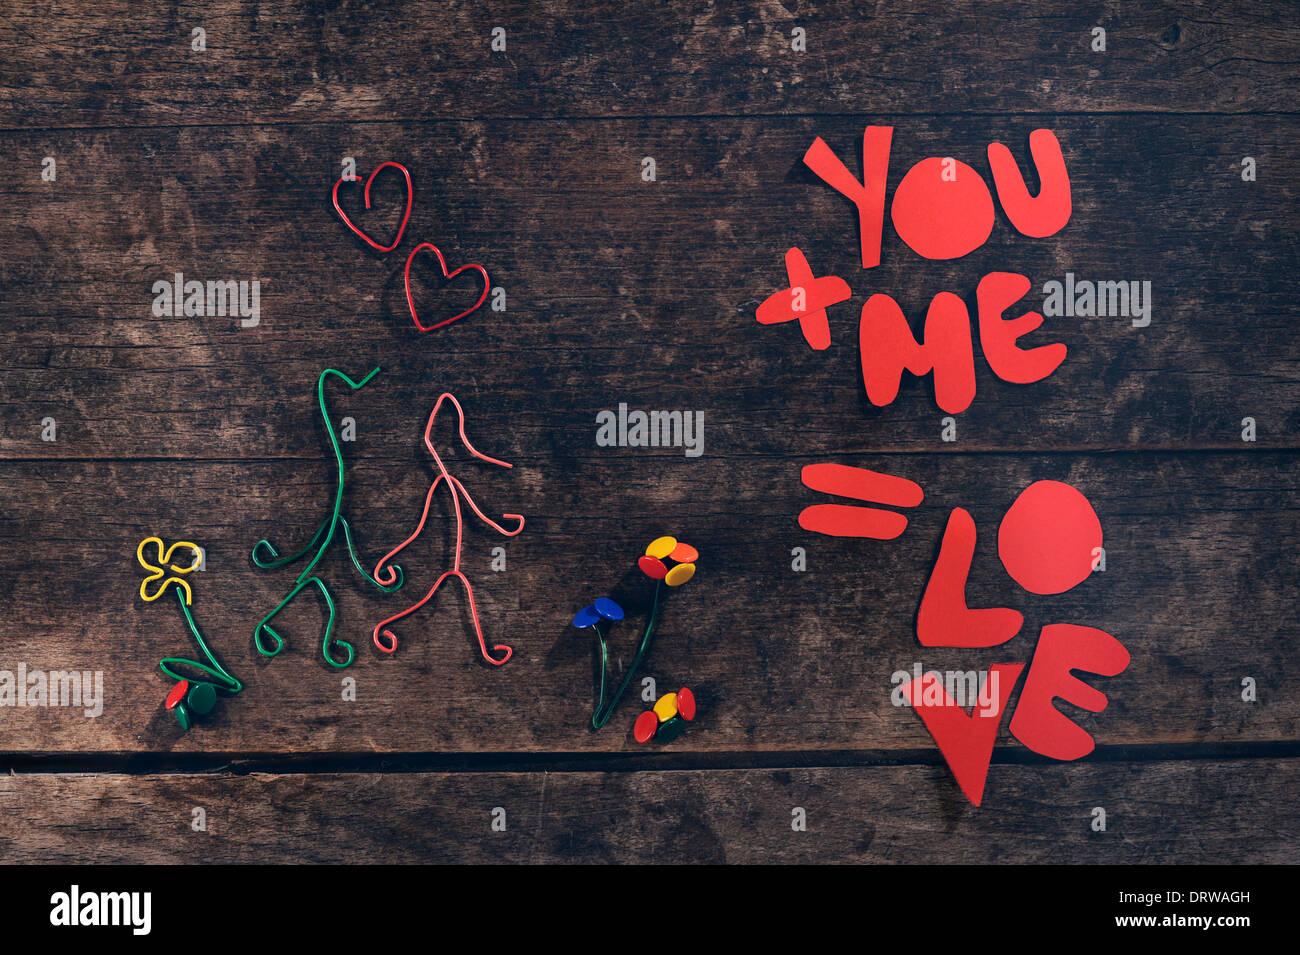 Amore creativo messaggio. Giovane holding hands realizzato da fermagli per carta e e thumbtacks su vintage sfondo di legno. Foto Stock